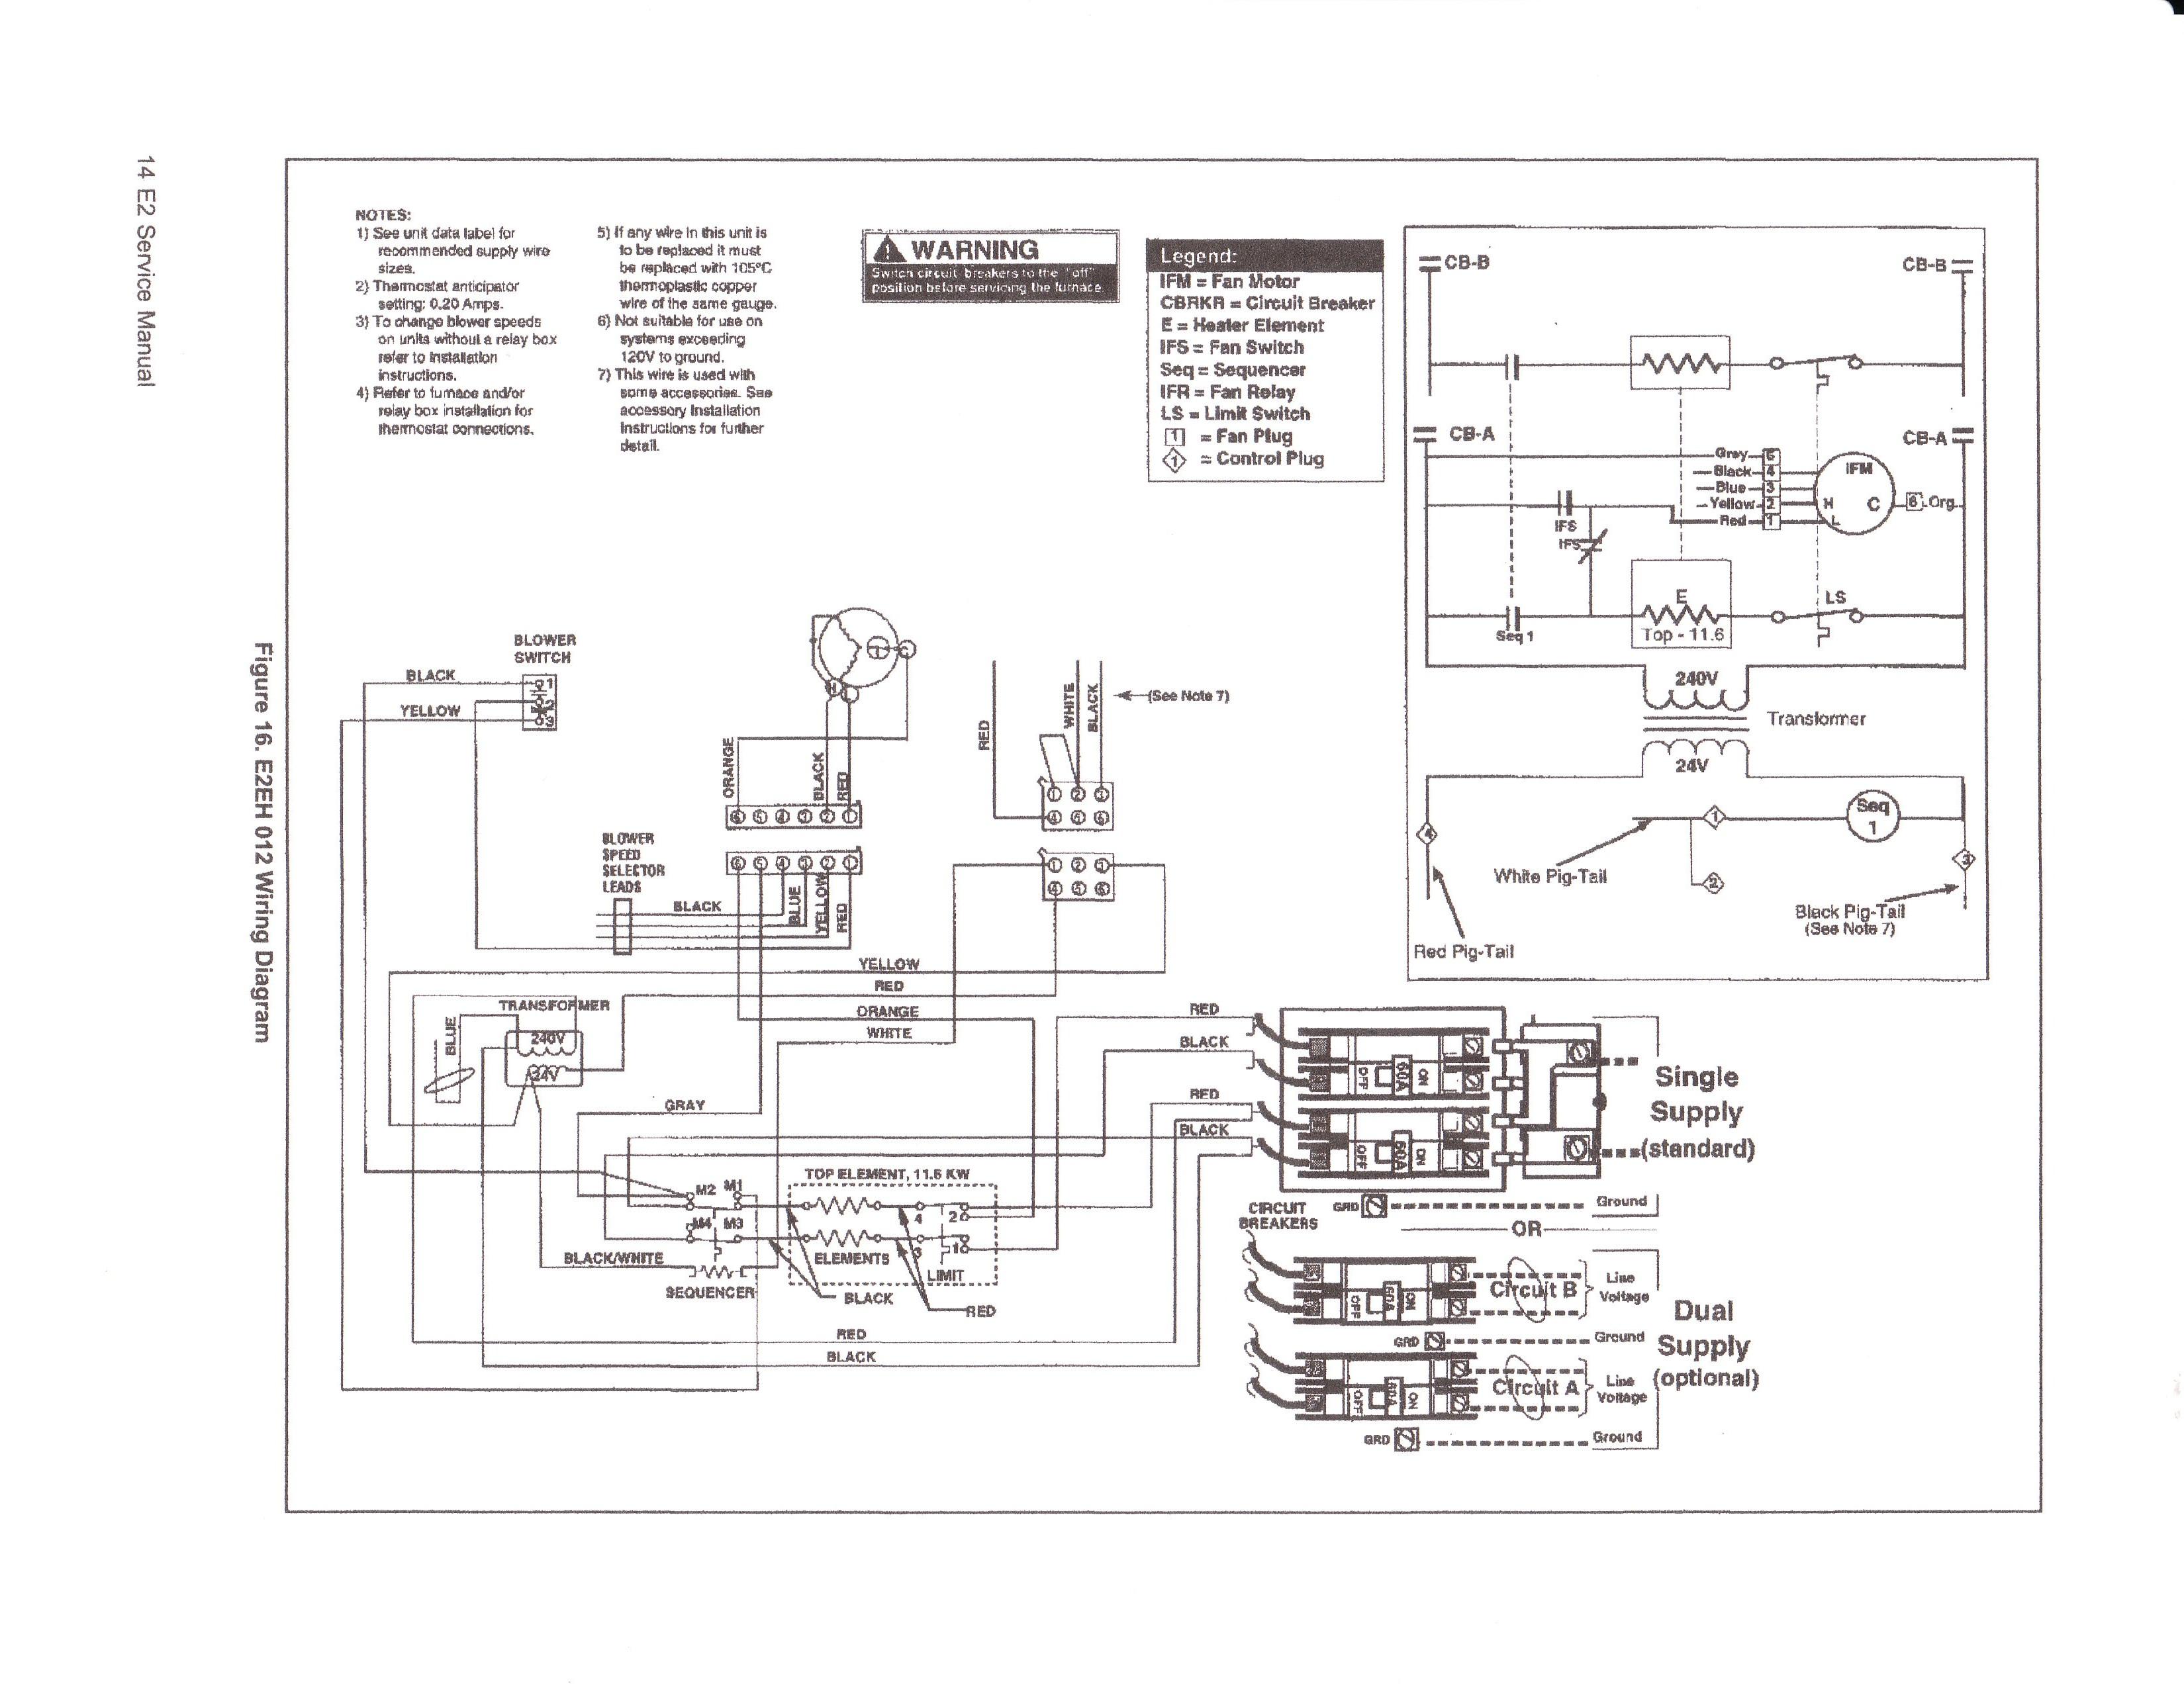 ducane heat pump wiring diagram ducane furnace wiring diagram 1f?resize=242258 ducane wiring diagram ducane air handler diagram not lossing